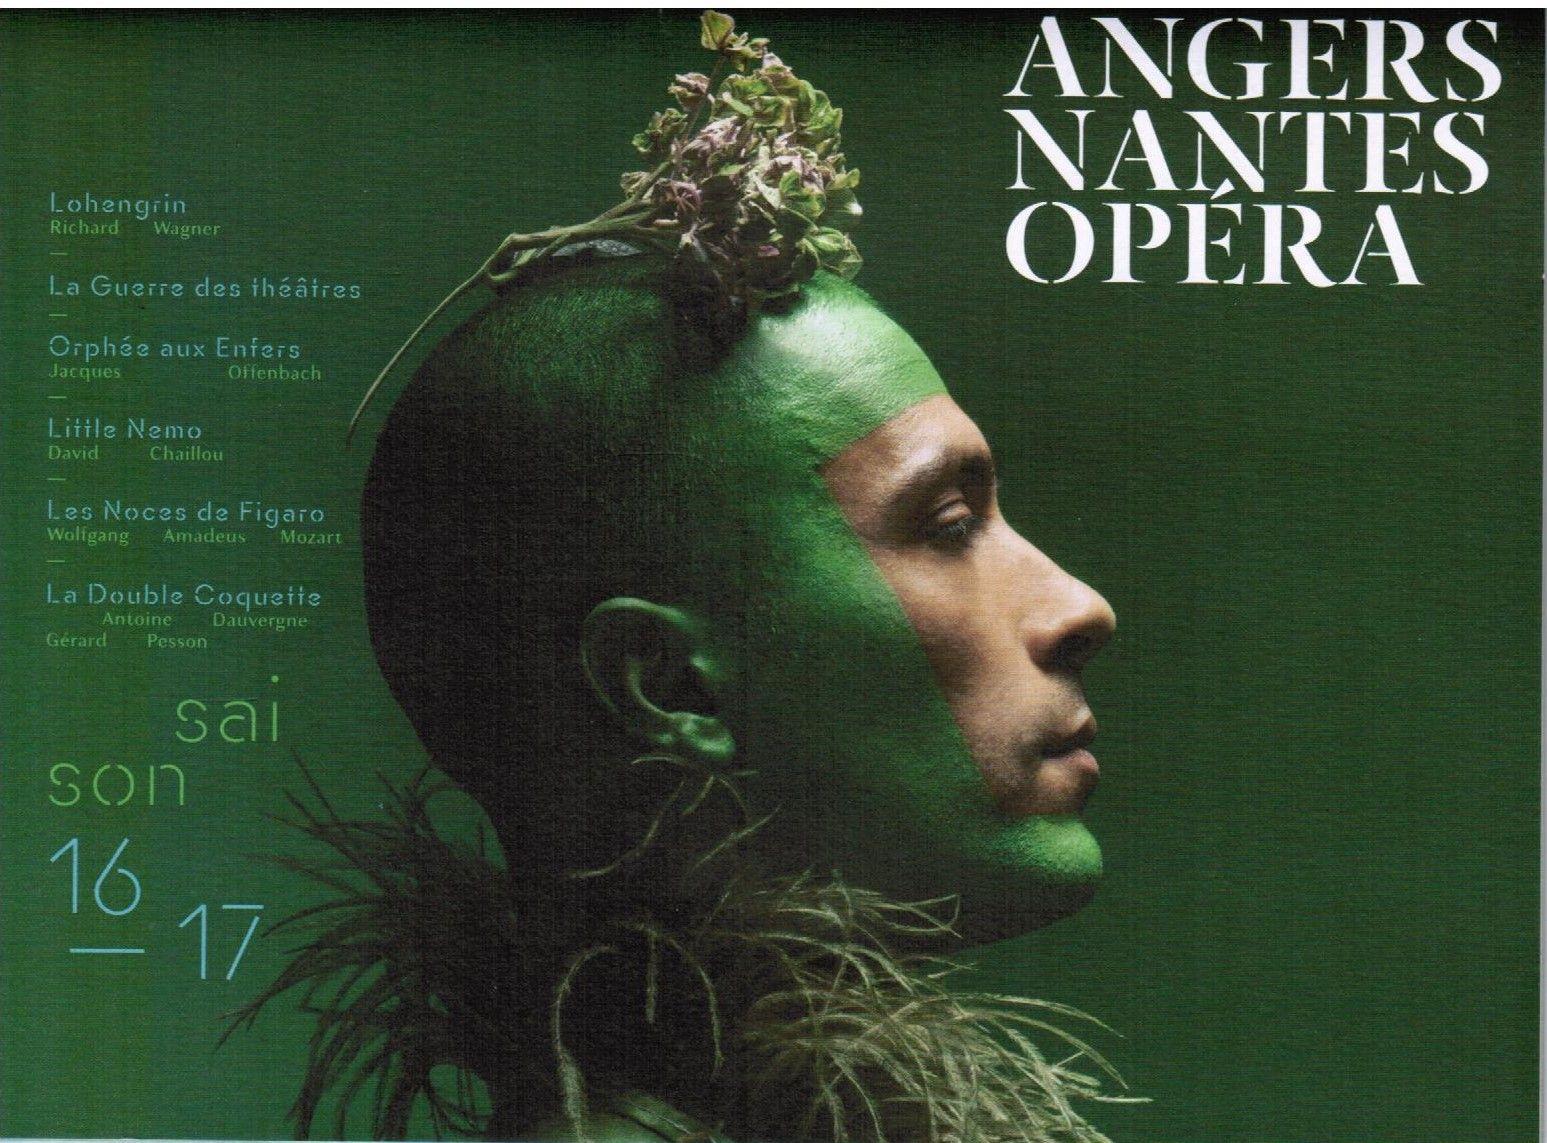 programme de la saison à l'opéra